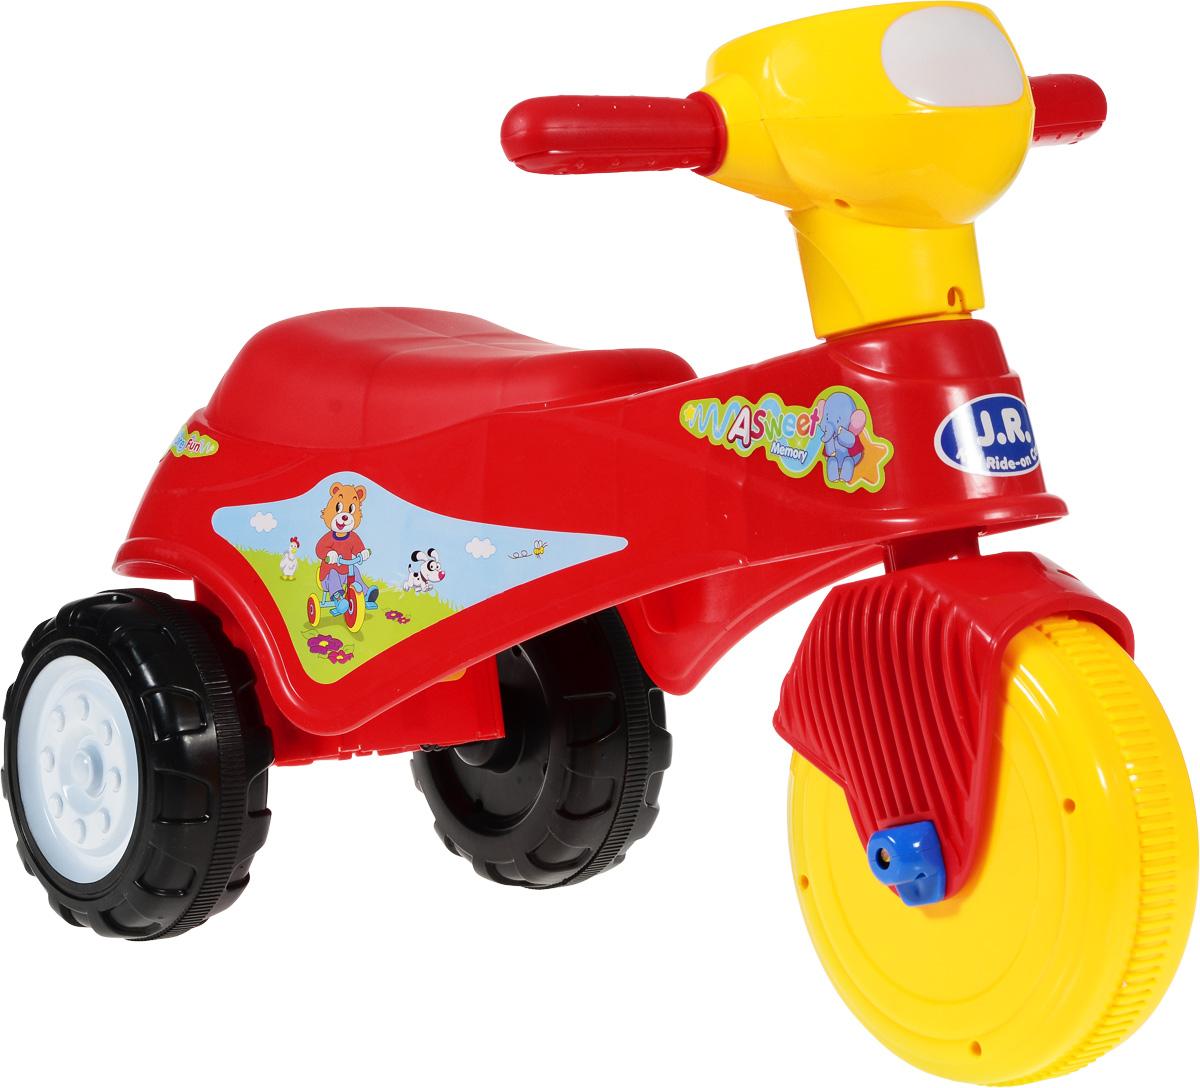 J.R. TOYS Каталка детская Трицикл цвет красныйJR-911ARКаталка детская J.R. TOYS Трицикл - настоящая находка для вашего ребенка. Выполненная из безопасного пластика красного цвета, устойчивая и прочная каталка будет отличным средством передвижения вашего ребенка. Малыш на ней сможет с легкостью преодолевать любые препятствия на своем пути. Для того чтобы покататься, малышу достаточно просто сесть на сиденье и, отталкиваясь ногами, катиться вперед. Каталка детская J.R. TOYS Трицикл улучшает координацию движений ребенка, баланс и моторику. На этой замечательной каталке ребенок будет чувствовать себя комфортно и безопасно, а прогулки станут веселее и интереснее.